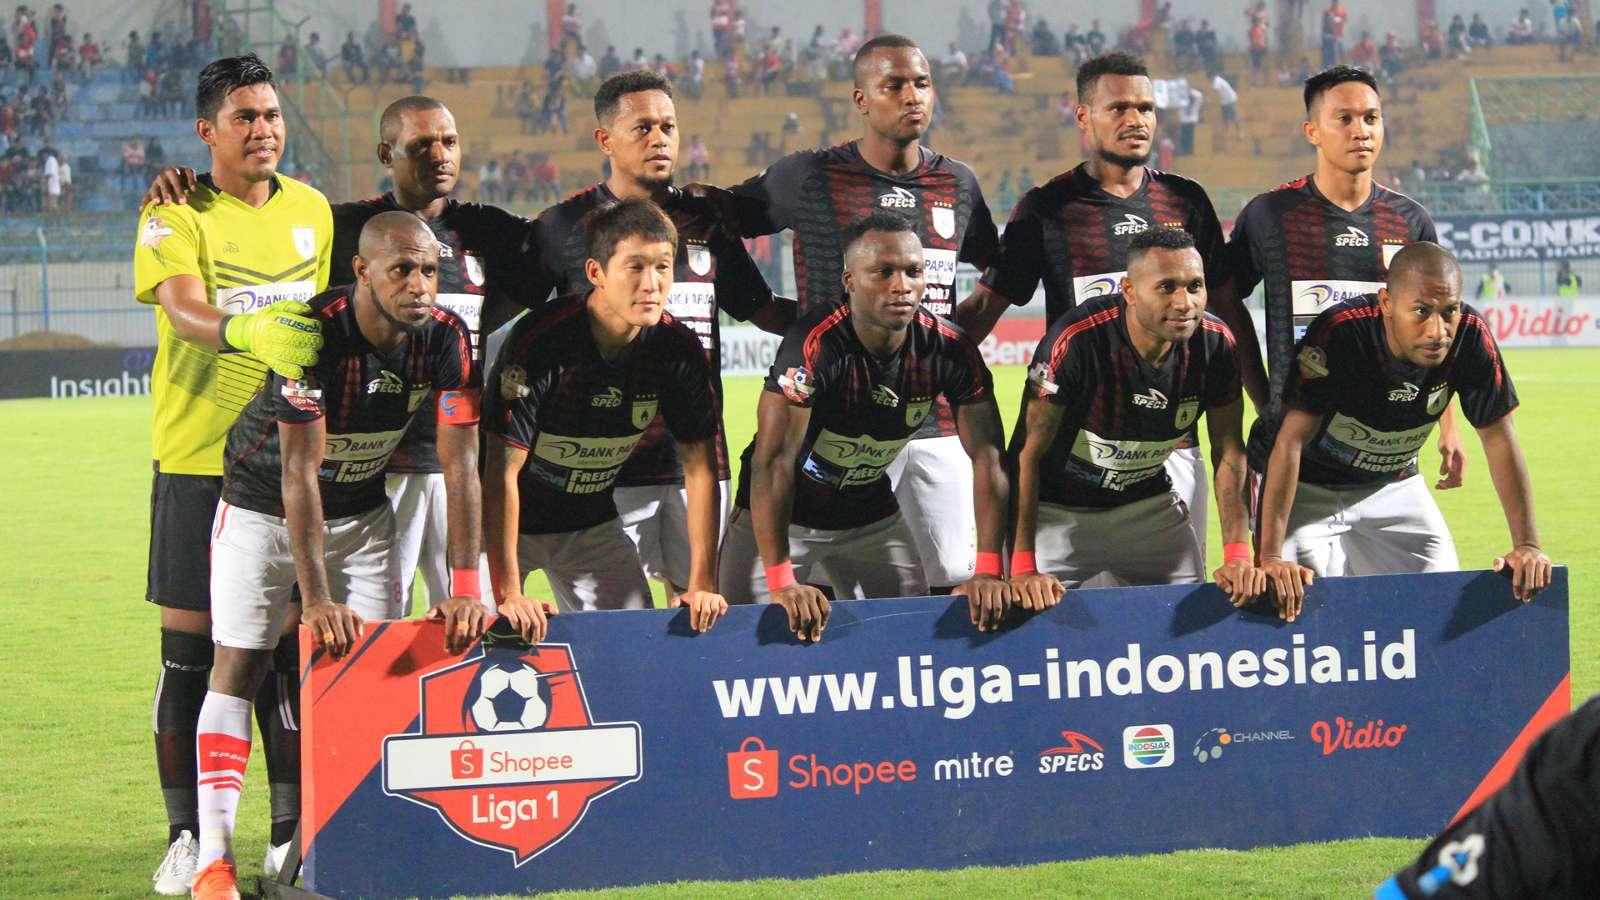 Persipura Jayapura: Bangsa Pulih Dulu, Baru Sepakbola